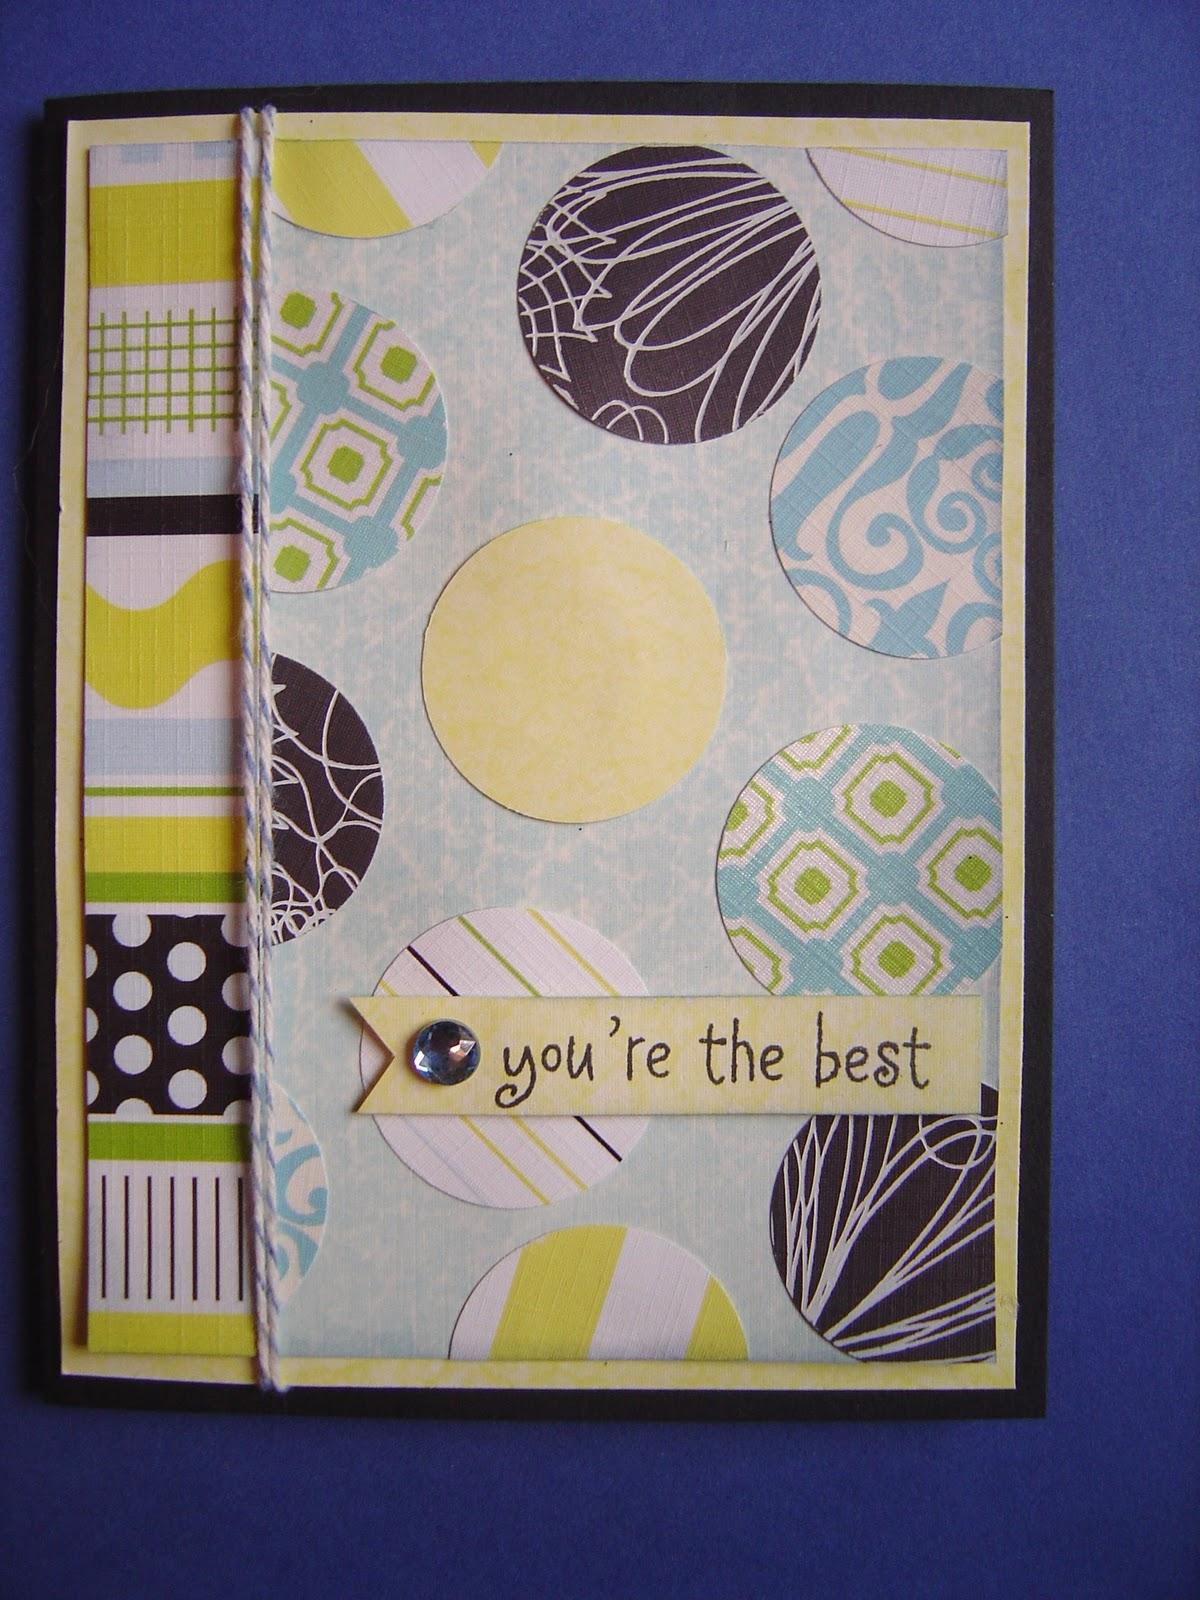 http://4.bp.blogspot.com/_ew-WC6hswdw/TVKvCkgDaXI/AAAAAAAAAeQ/rVUgjJJukqE/s1600/more+circle+card+003.JPG